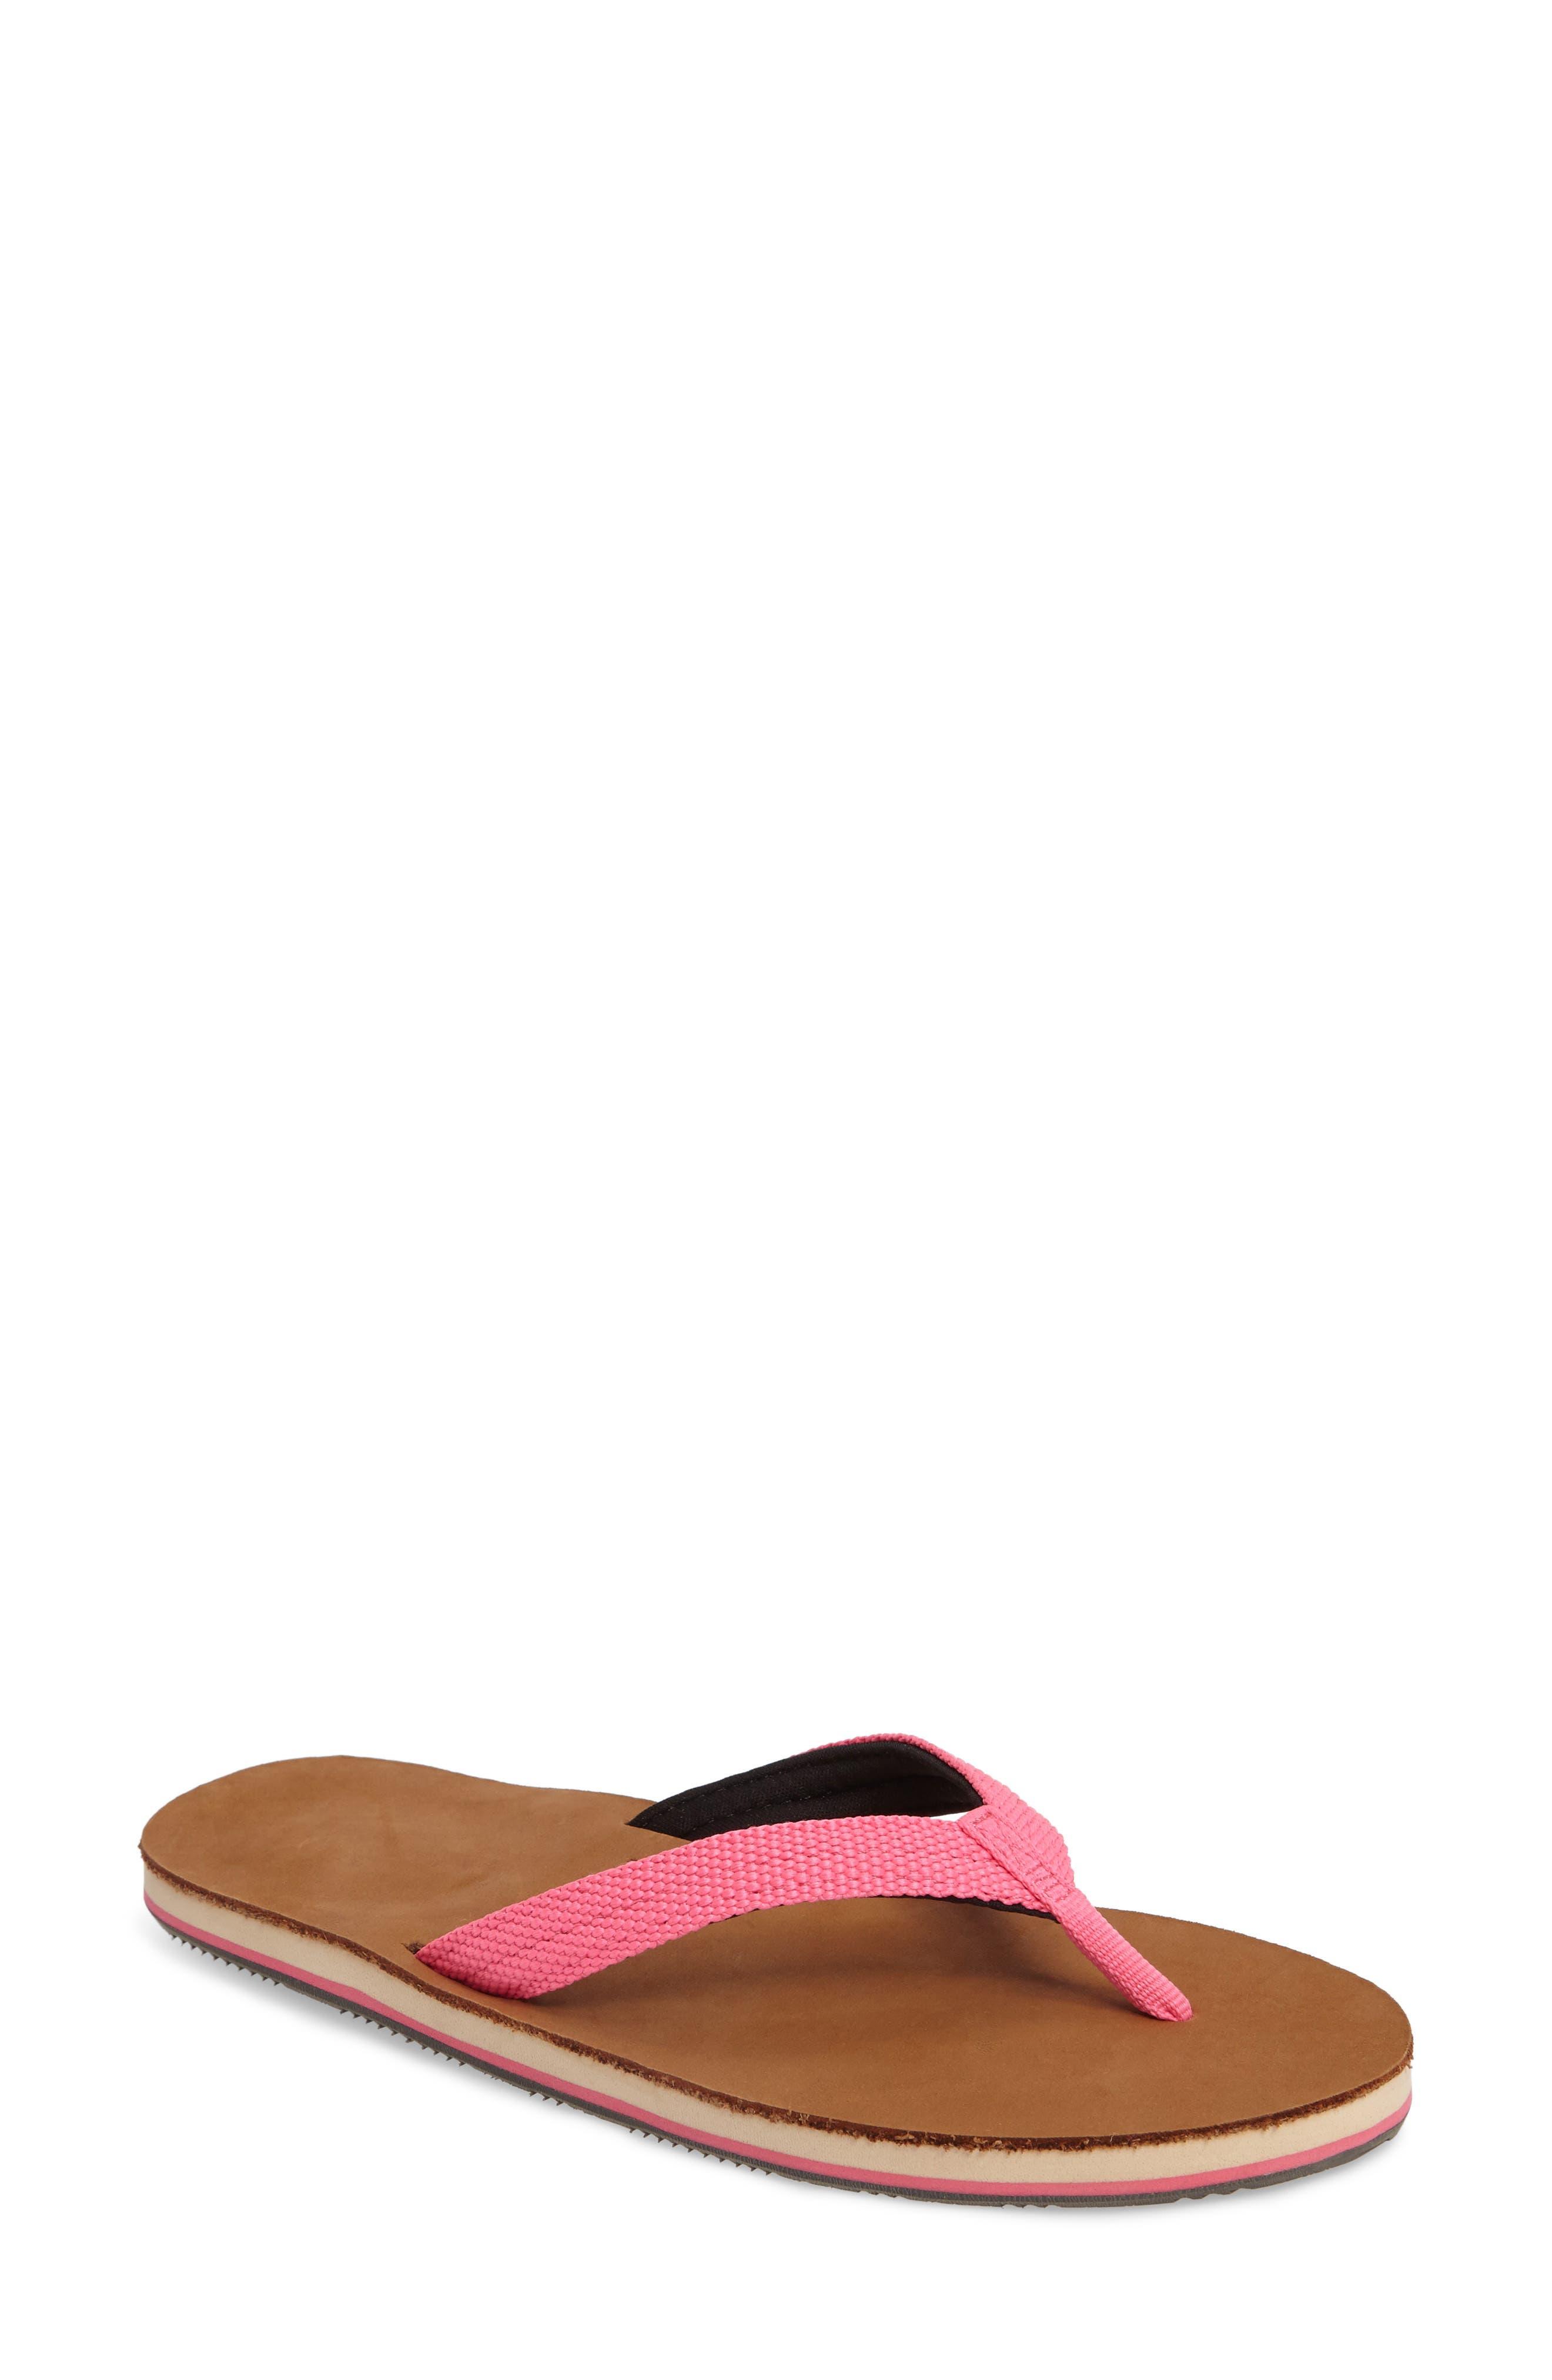 Scouts Flip Flop,                             Main thumbnail 1, color,                             Neon Pink/ Black